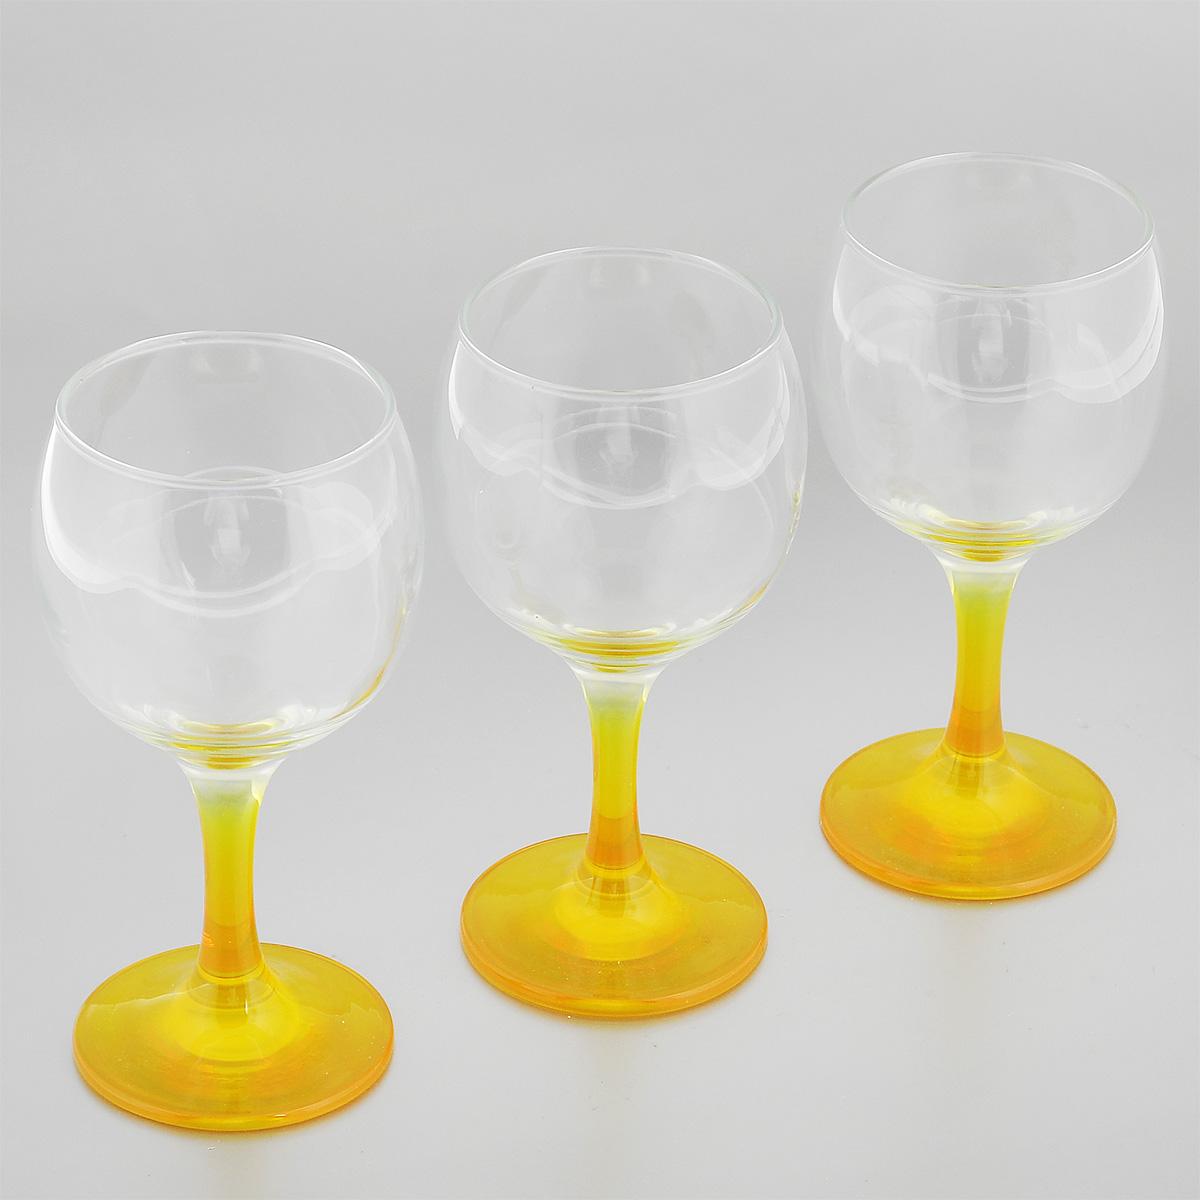 Набор фужеров Glass4you, цвет: желтый, 220 мл, 3 шт джинсы женские f5 цвет синий 19202 размер 31 34 46 48 34